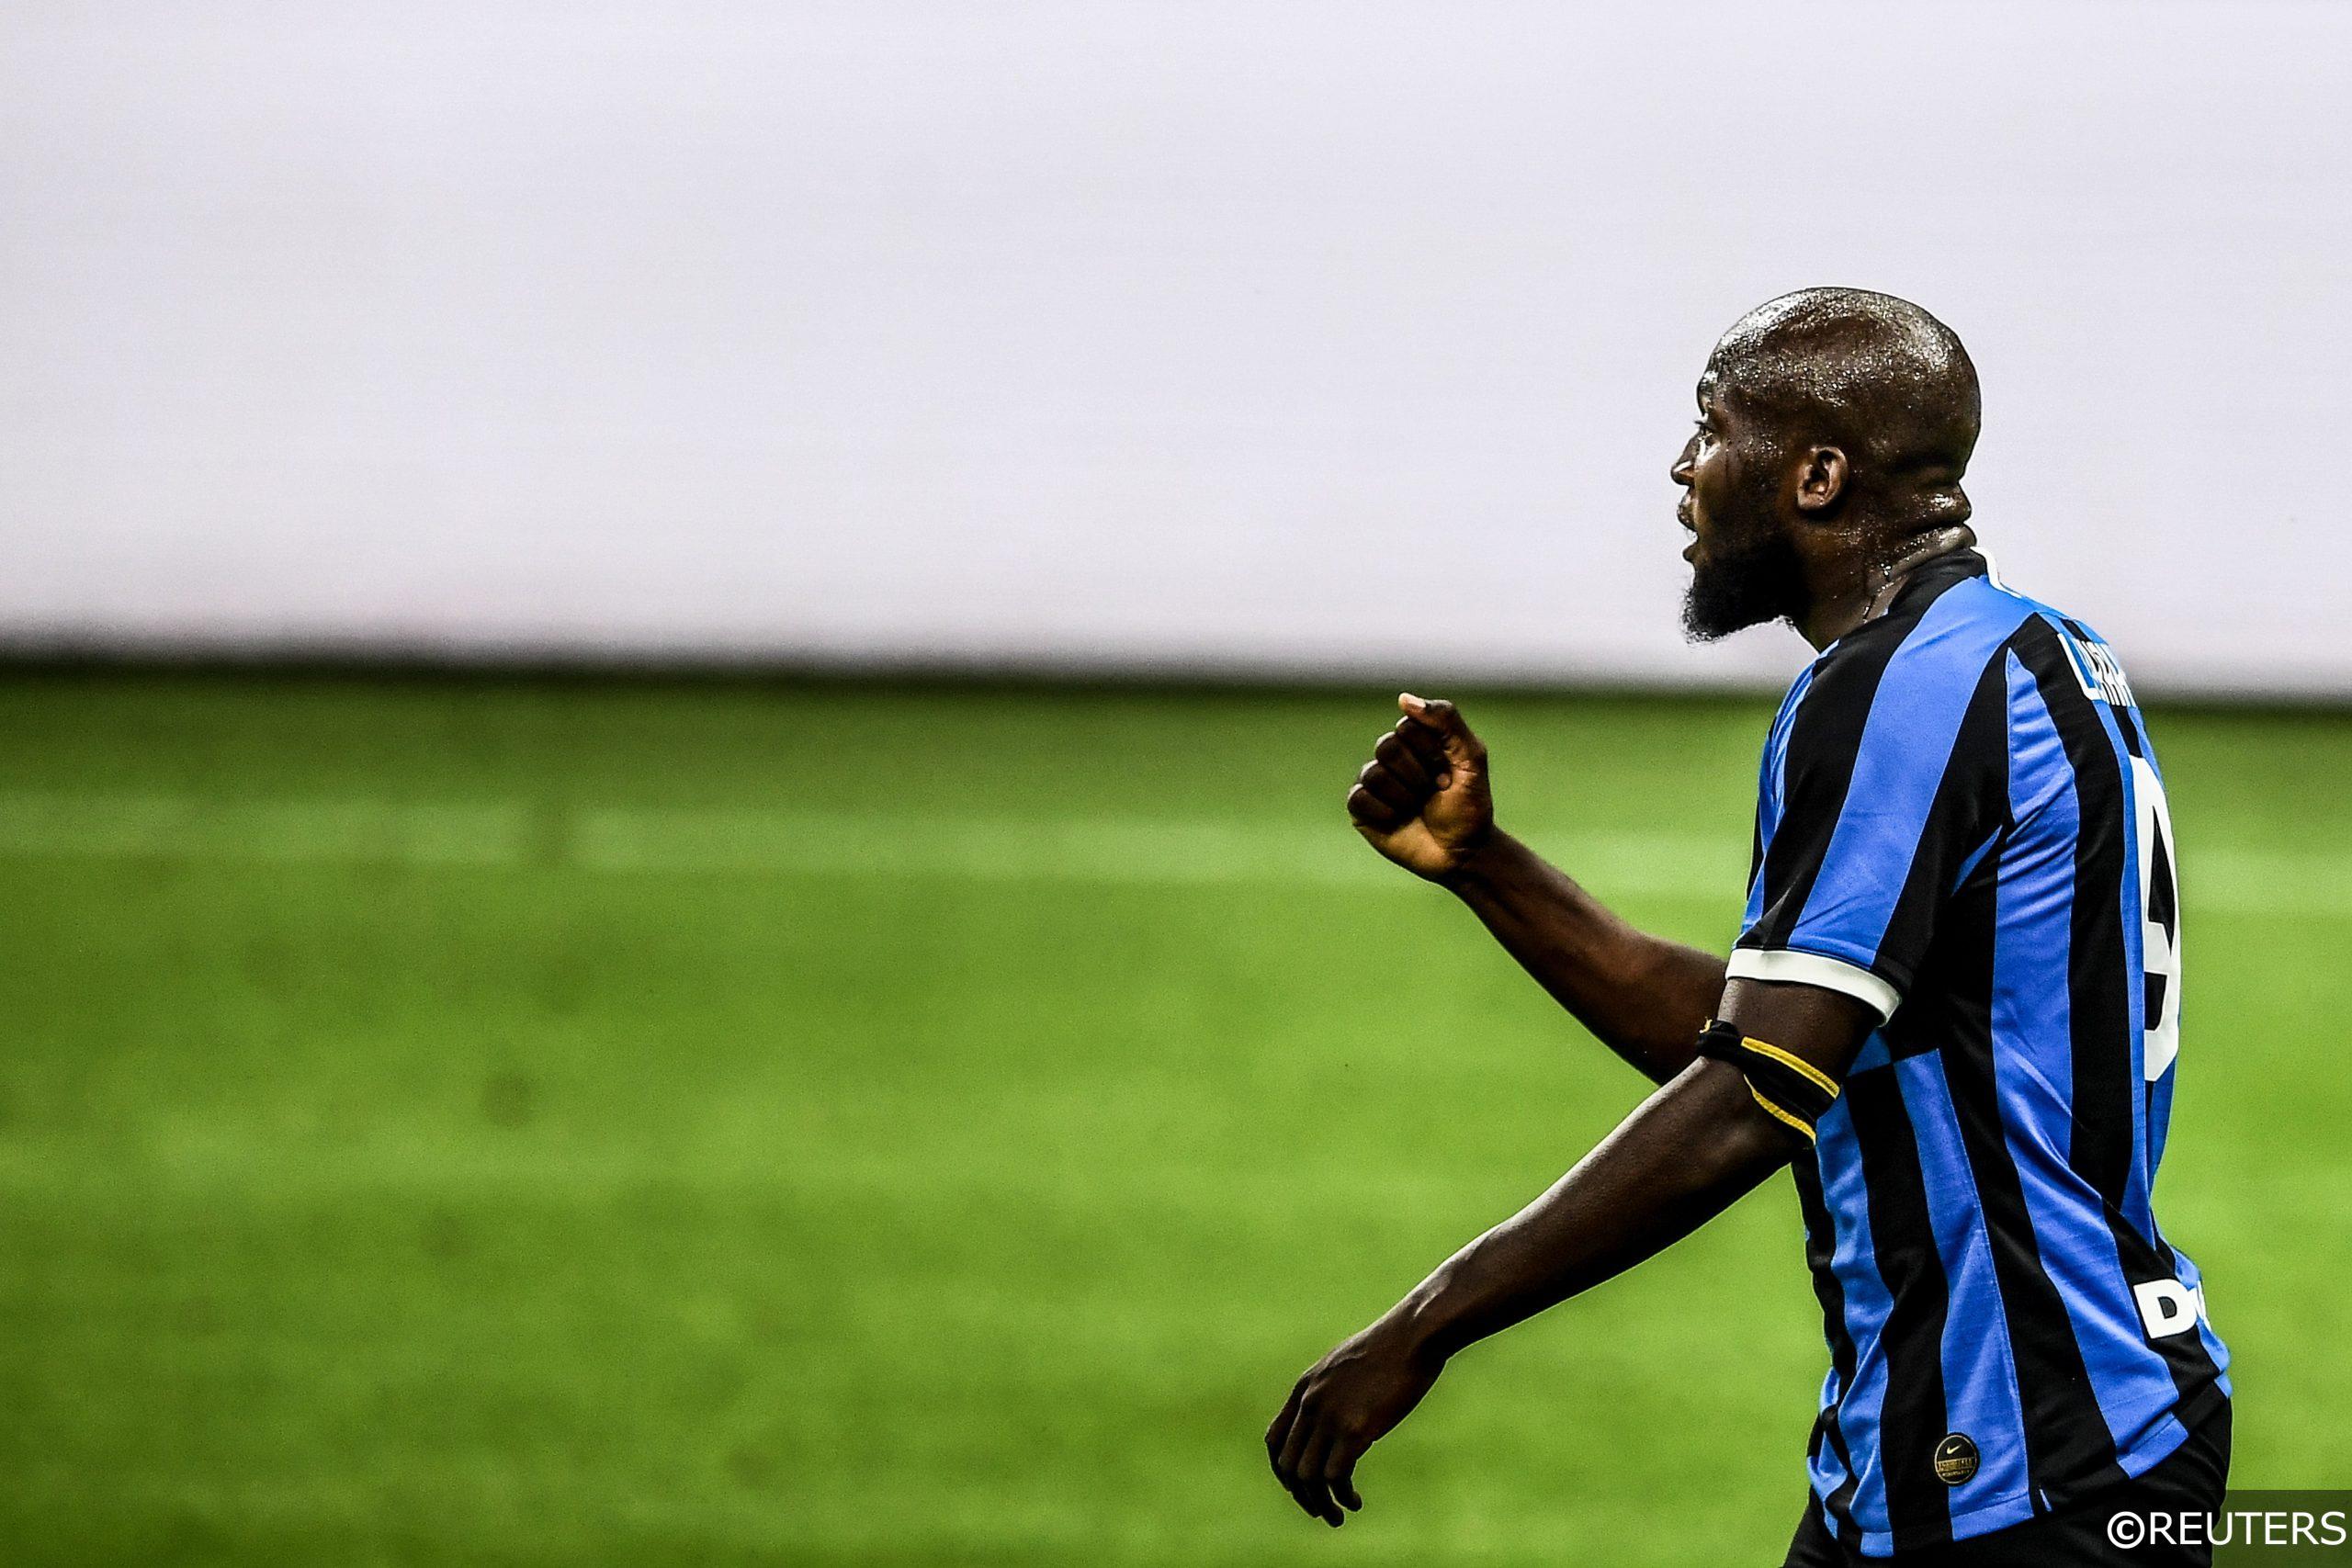 Romelu Lukaku for Inter Milan